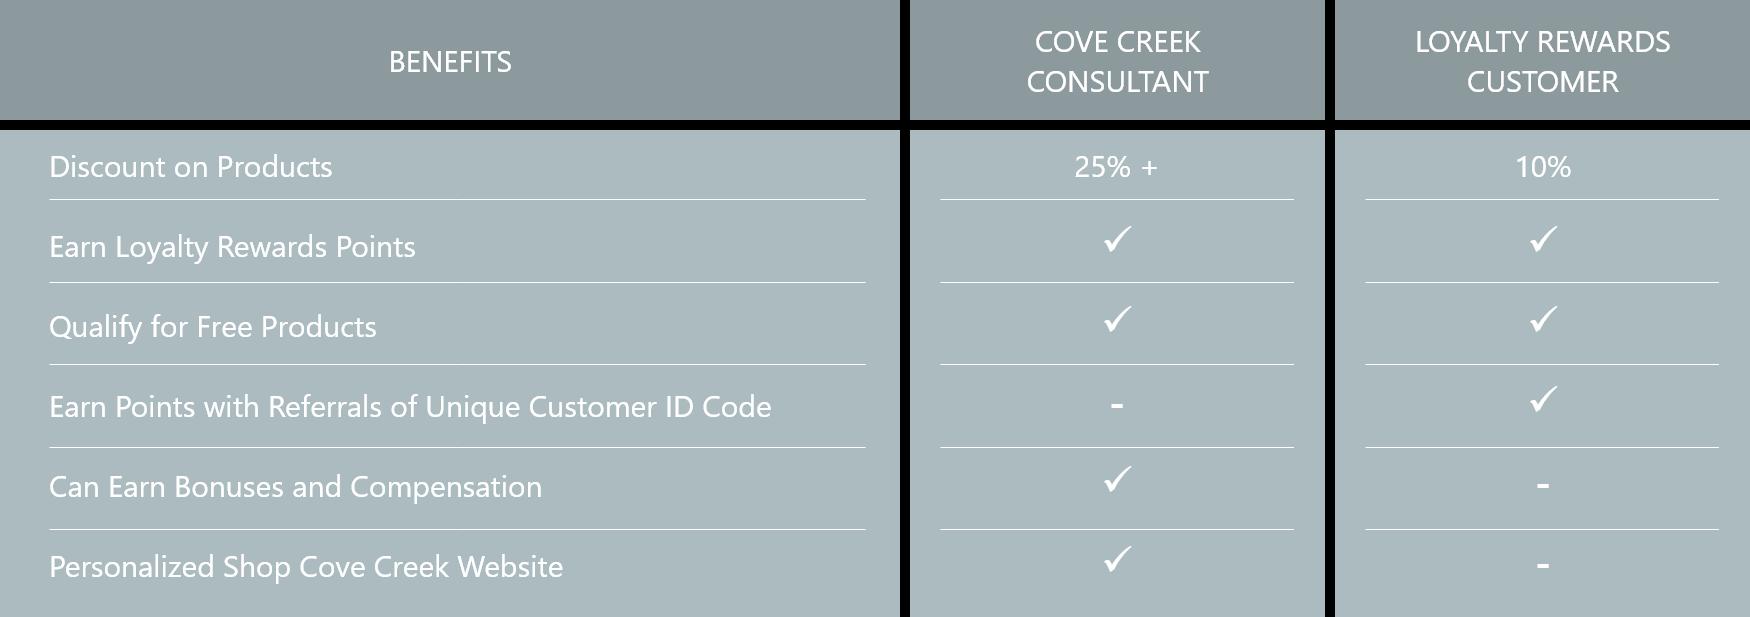 Cove Creek Compare the Benefits